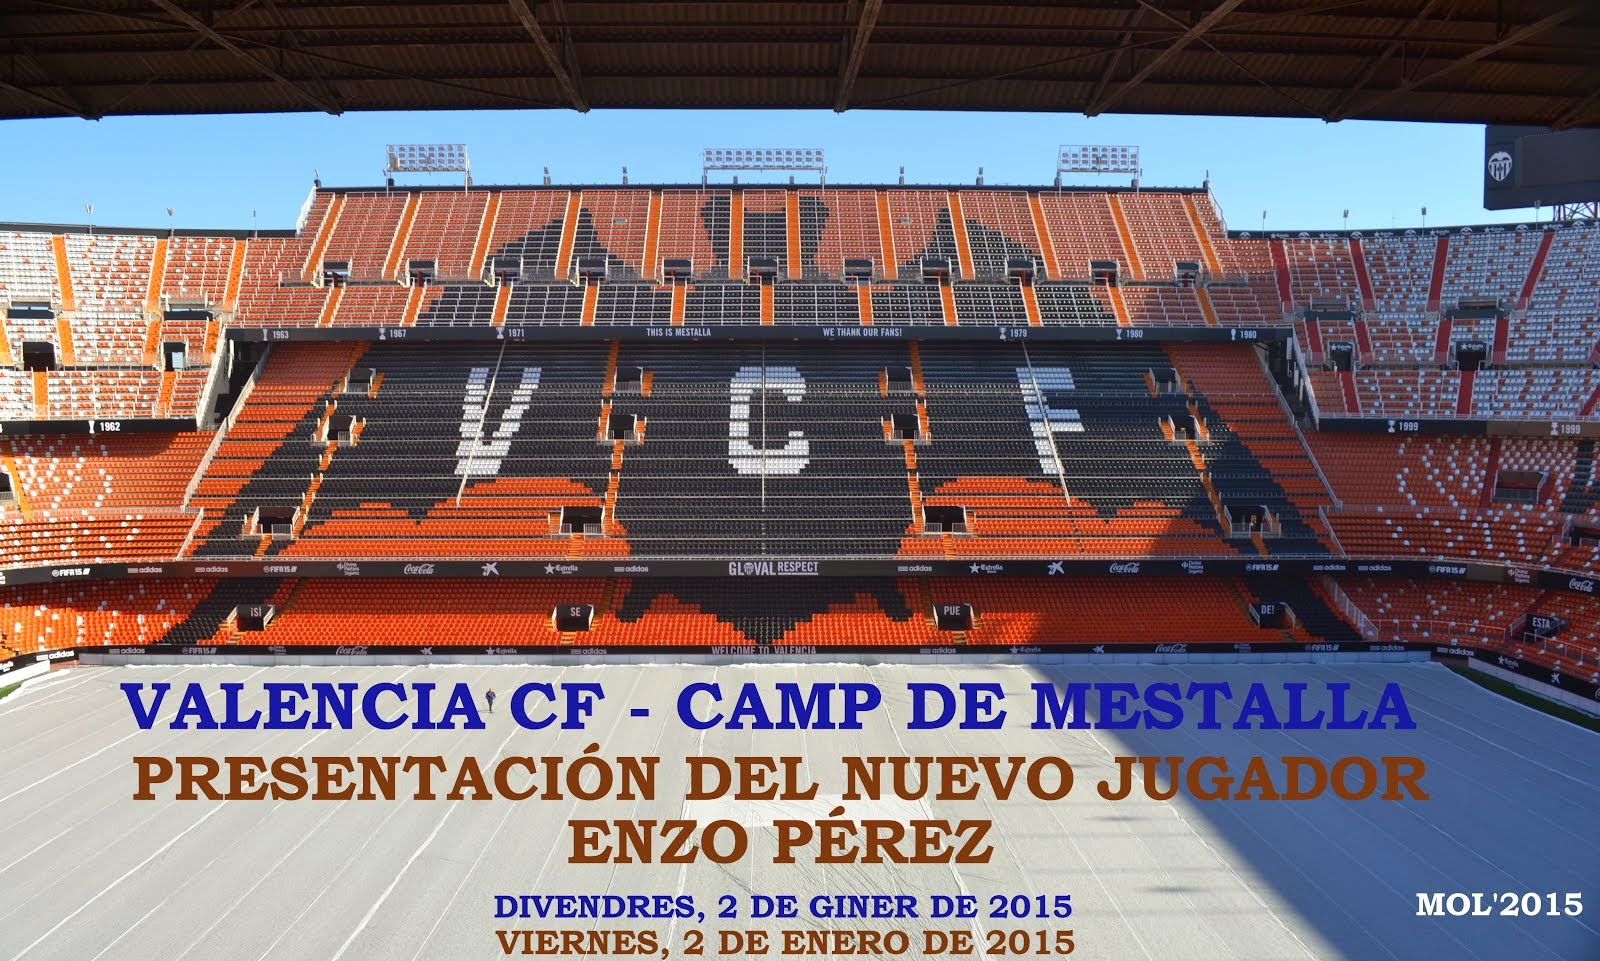 VALENCIA CF-CAMP DE MESTALLA, PRESENTACIÓN DEL NUEVO JUGADOR ENZO PÉREZ.